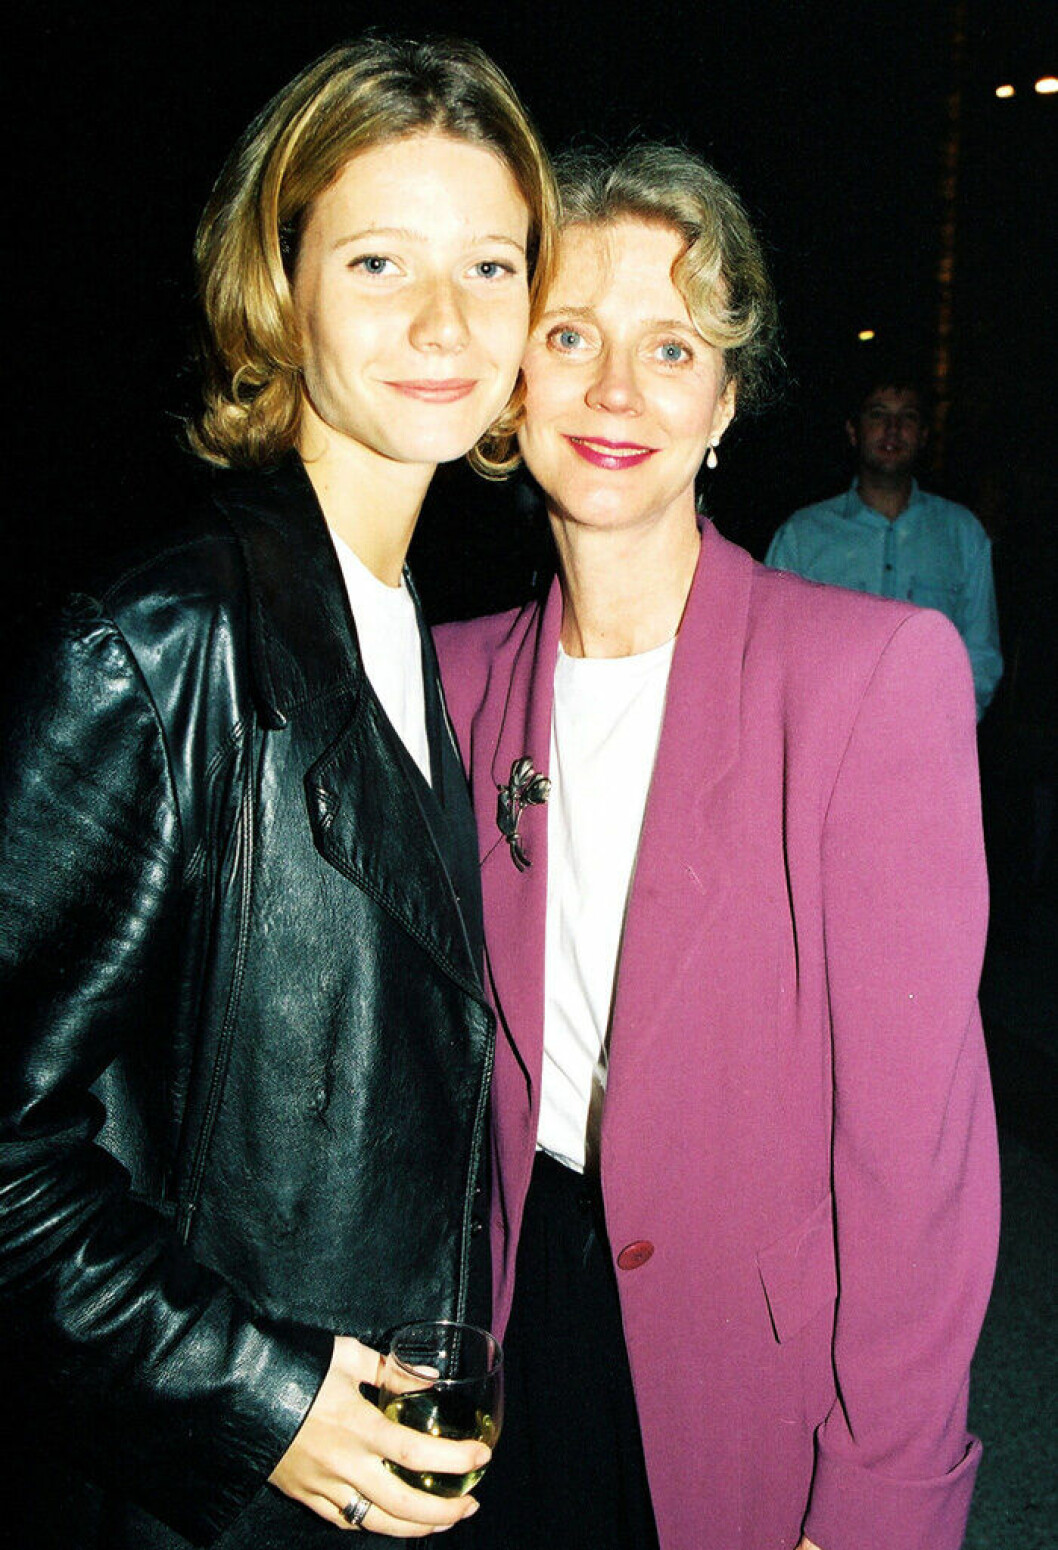 En bild på skådespelerskan Gwyneth Paltrow 1993.